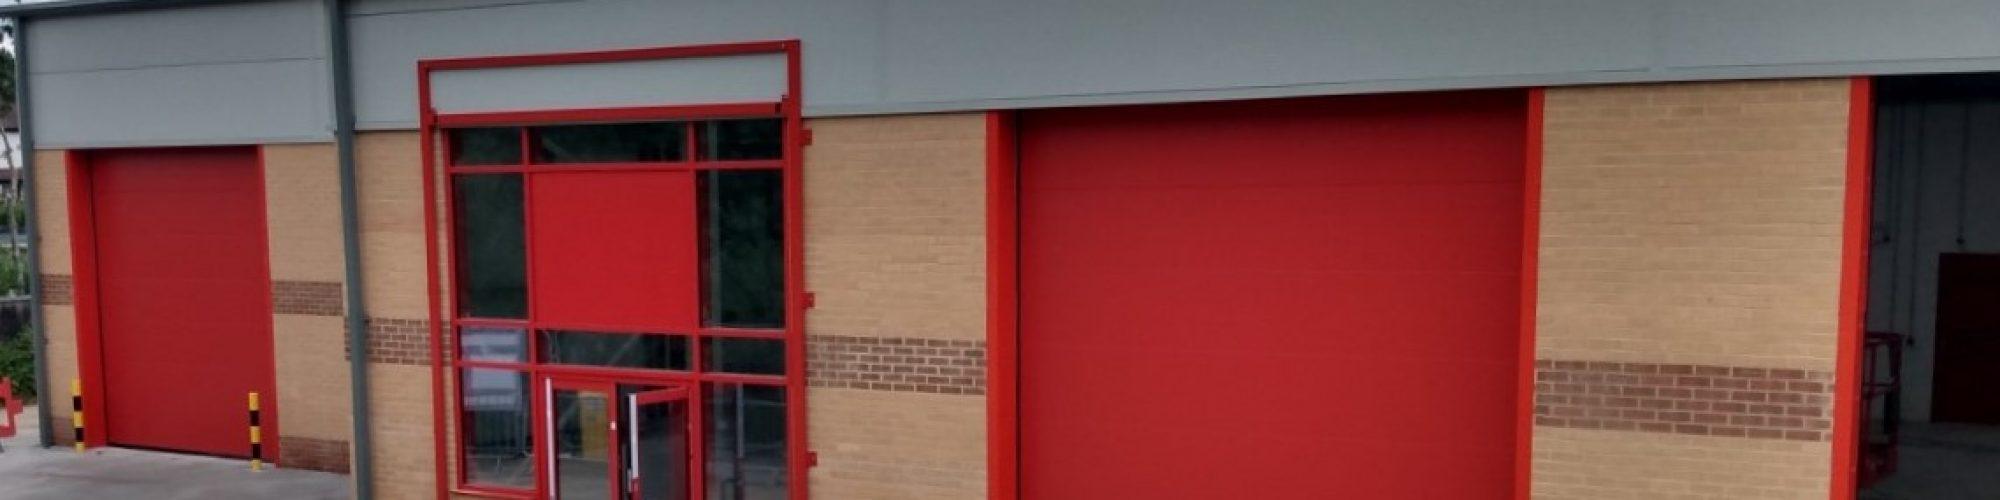 New industrial units for Cheltenham's Enterprise Centre